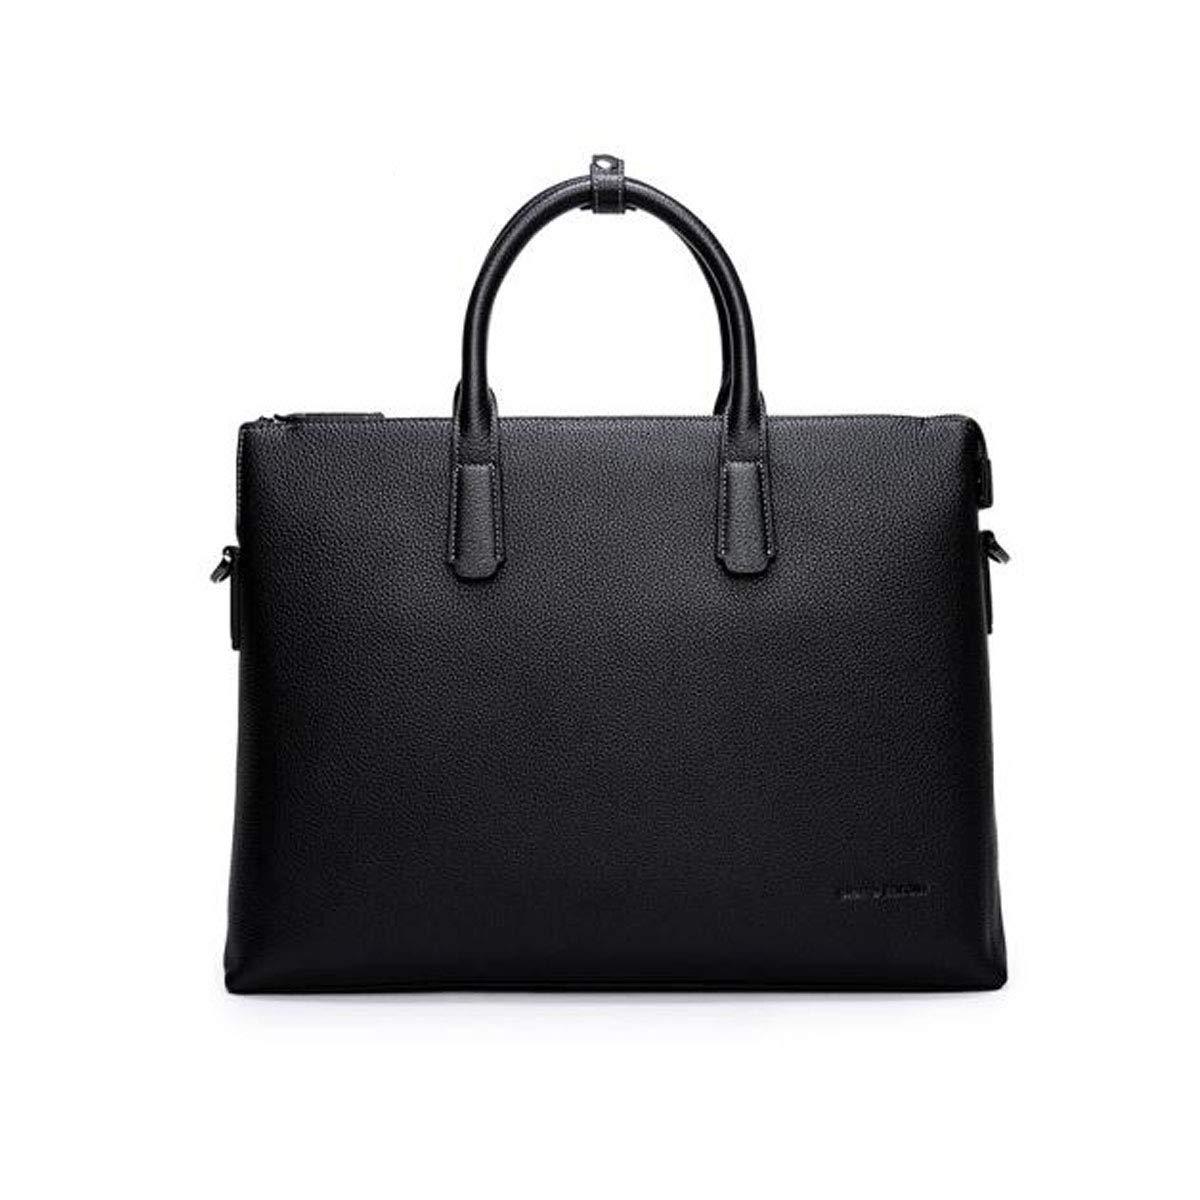 ブリーフケース、メンズビジネスカジュアルハンドバッグ、大容量コンピュータバッグ、ブラックサイズ:40 * 7 * 30 cm  ブラック B07R64FCD3